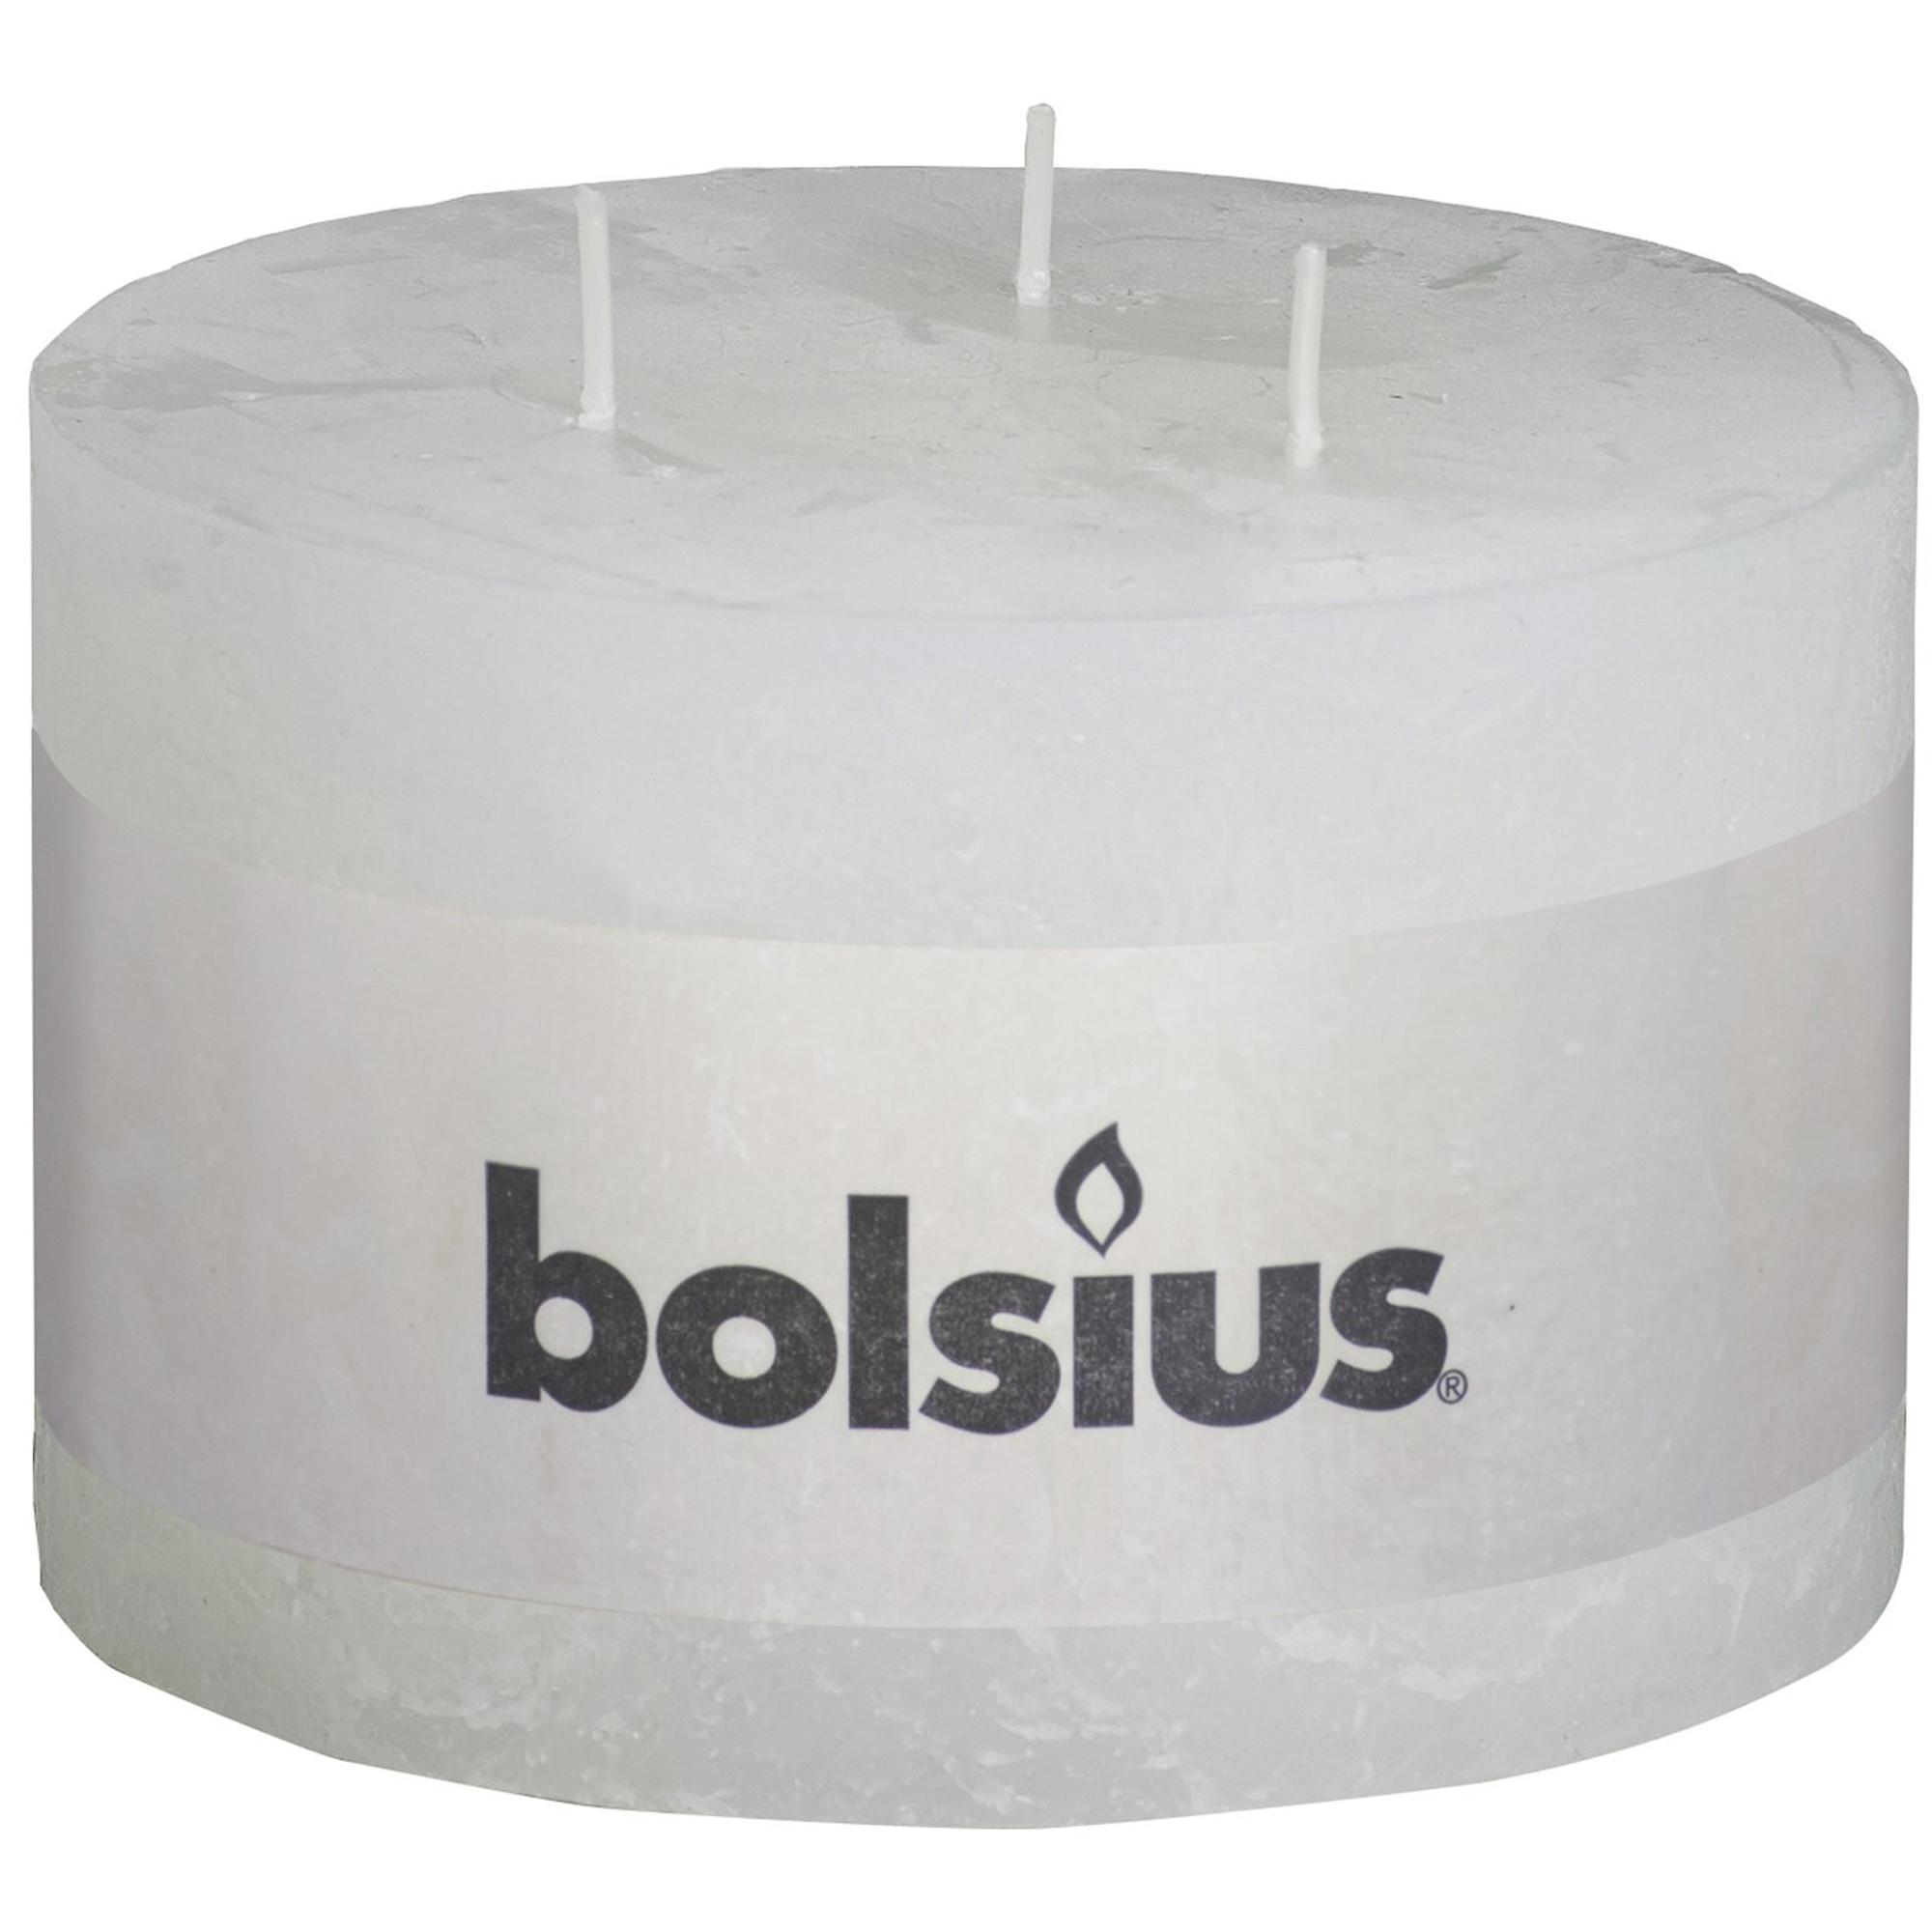 Фото - Свеча Bolsius rustic white 9х14 см свеча bolsius rustic metal gold 8х6 8 см